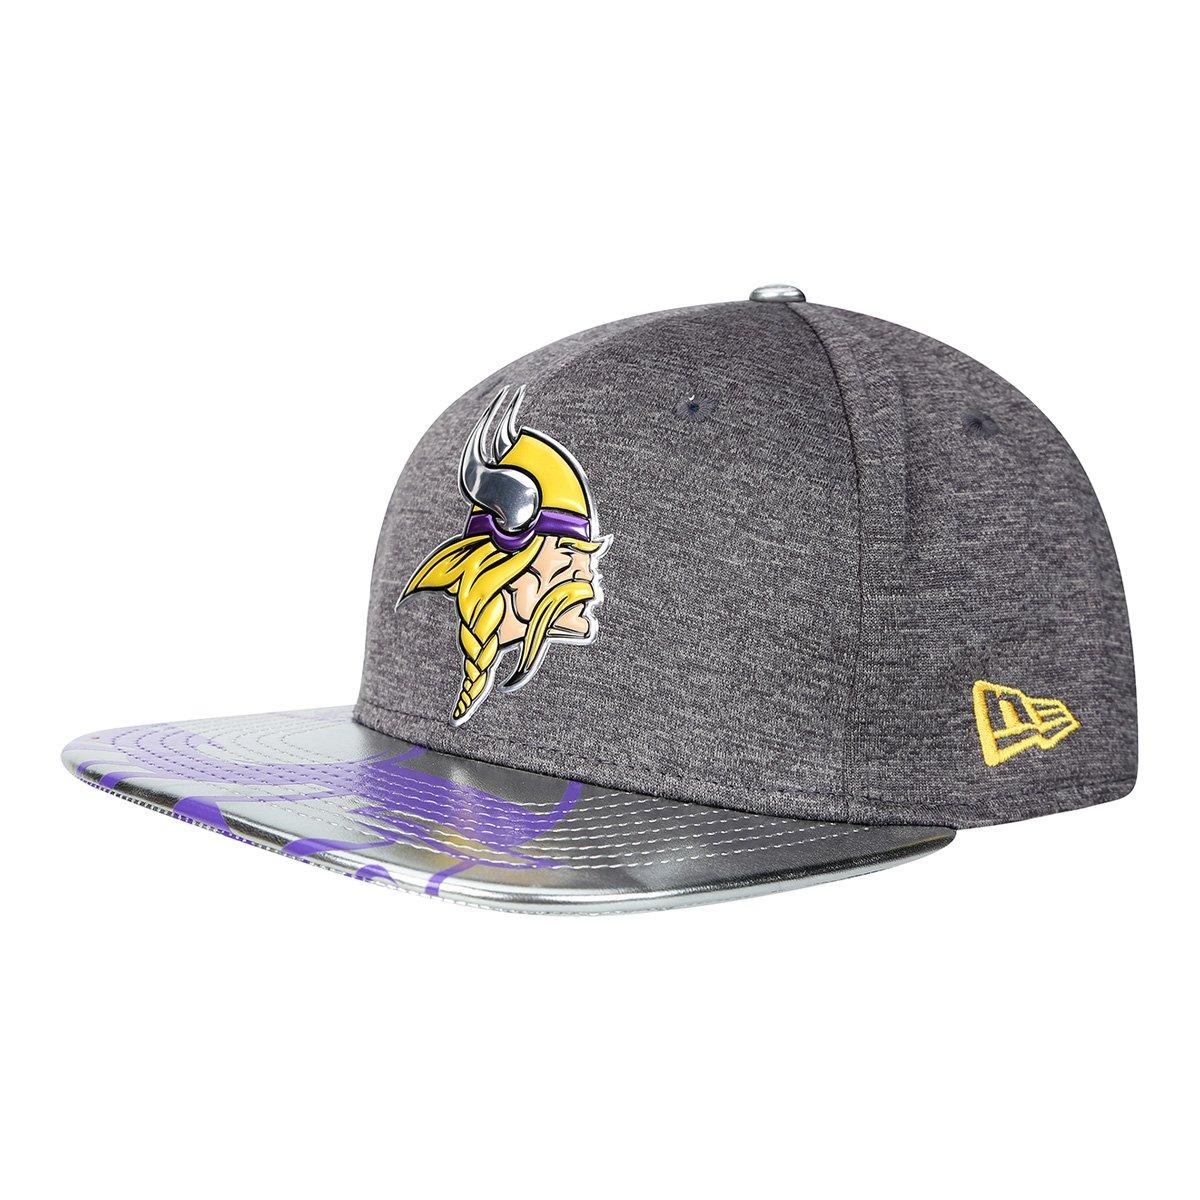 Boné New Era NFL Minnesota Vikings Aba Reta 950 Original Fit Sn Spotlight  Masculino ... 3040996e11c1b